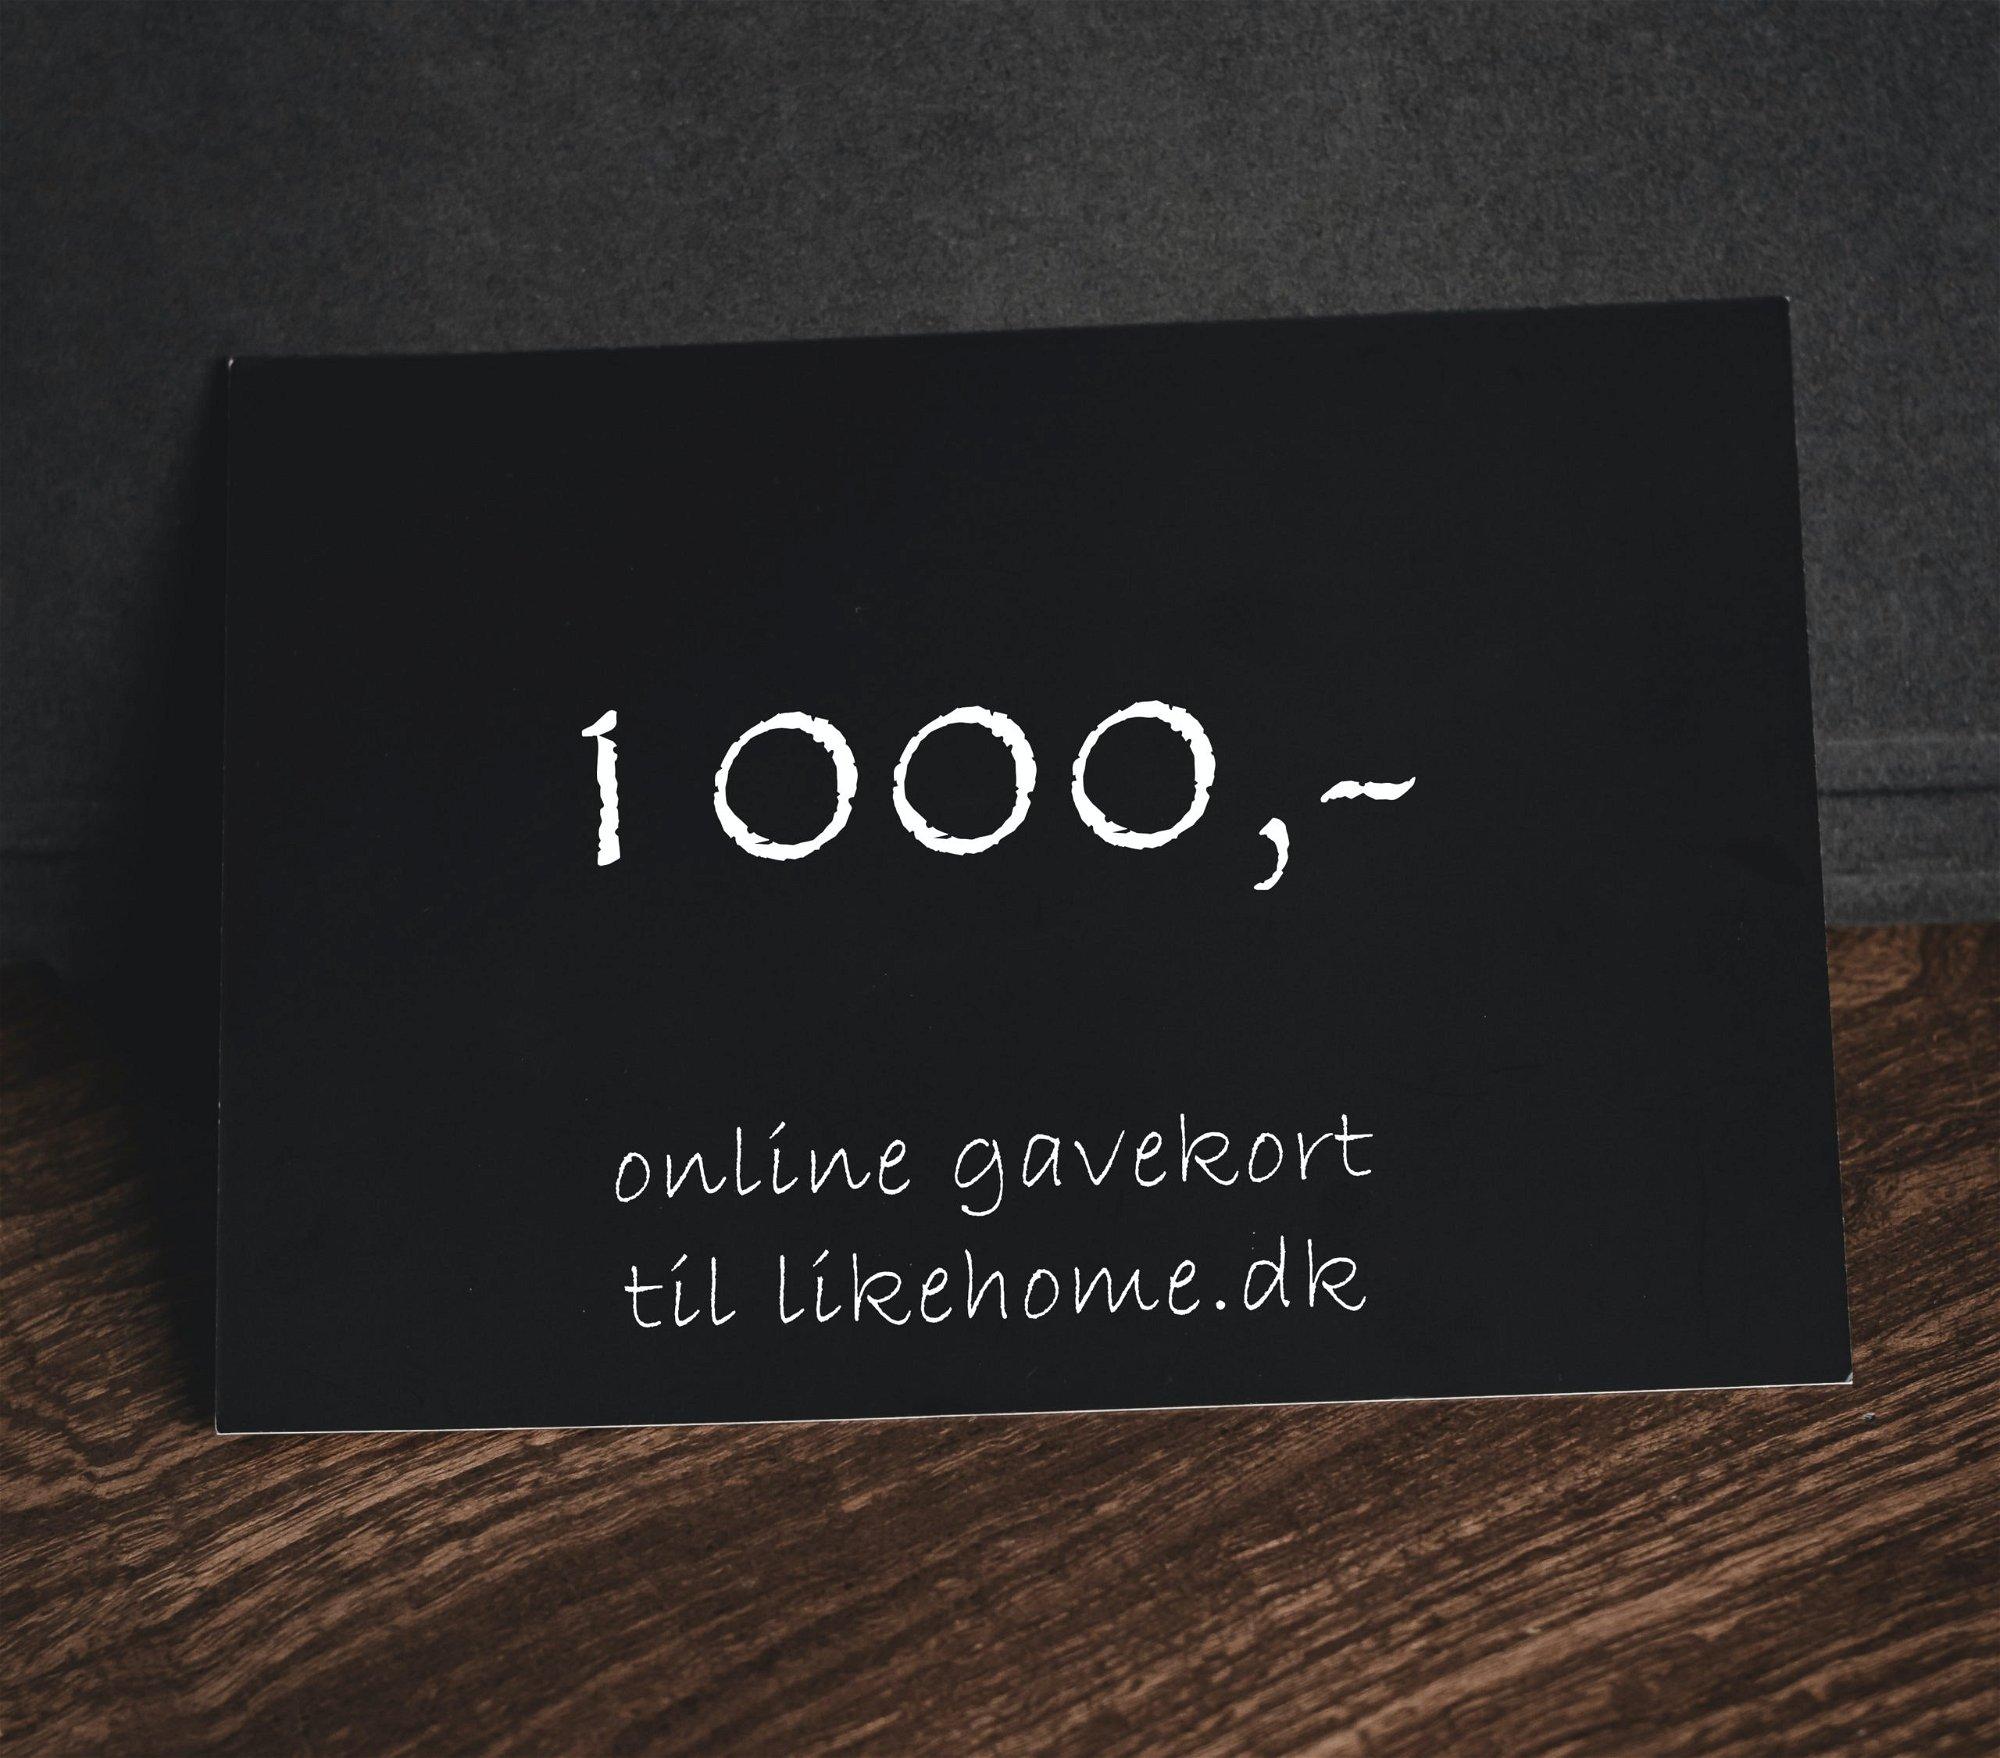 Billede af Gavekort til likehome.dk by likehome (1000, Hvid)